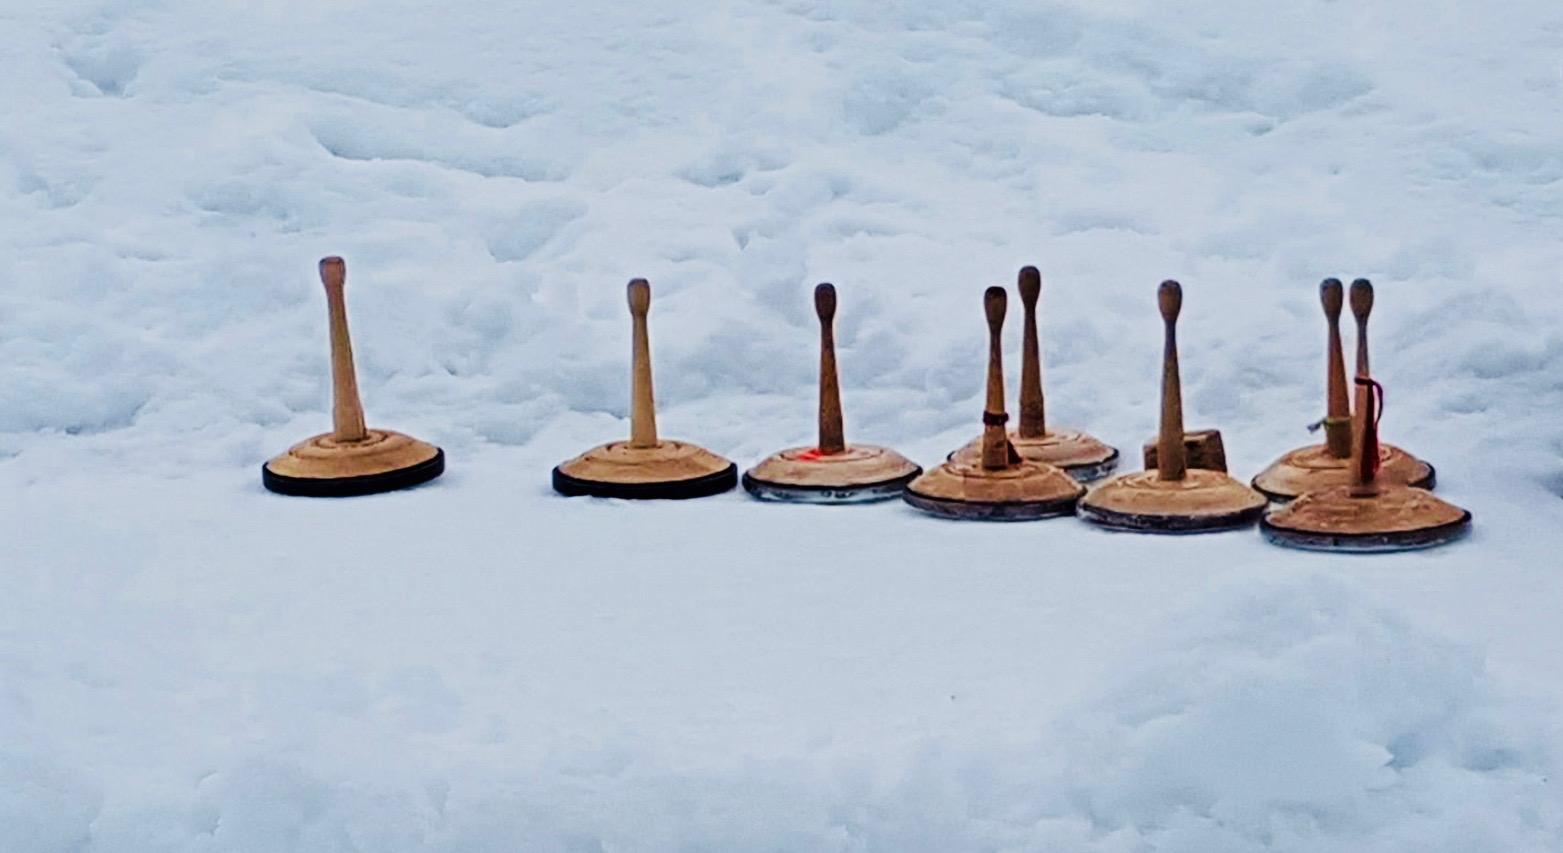 Sponsoren Cup im Eisstockschießen: Foto Eisstöcke im Schnee